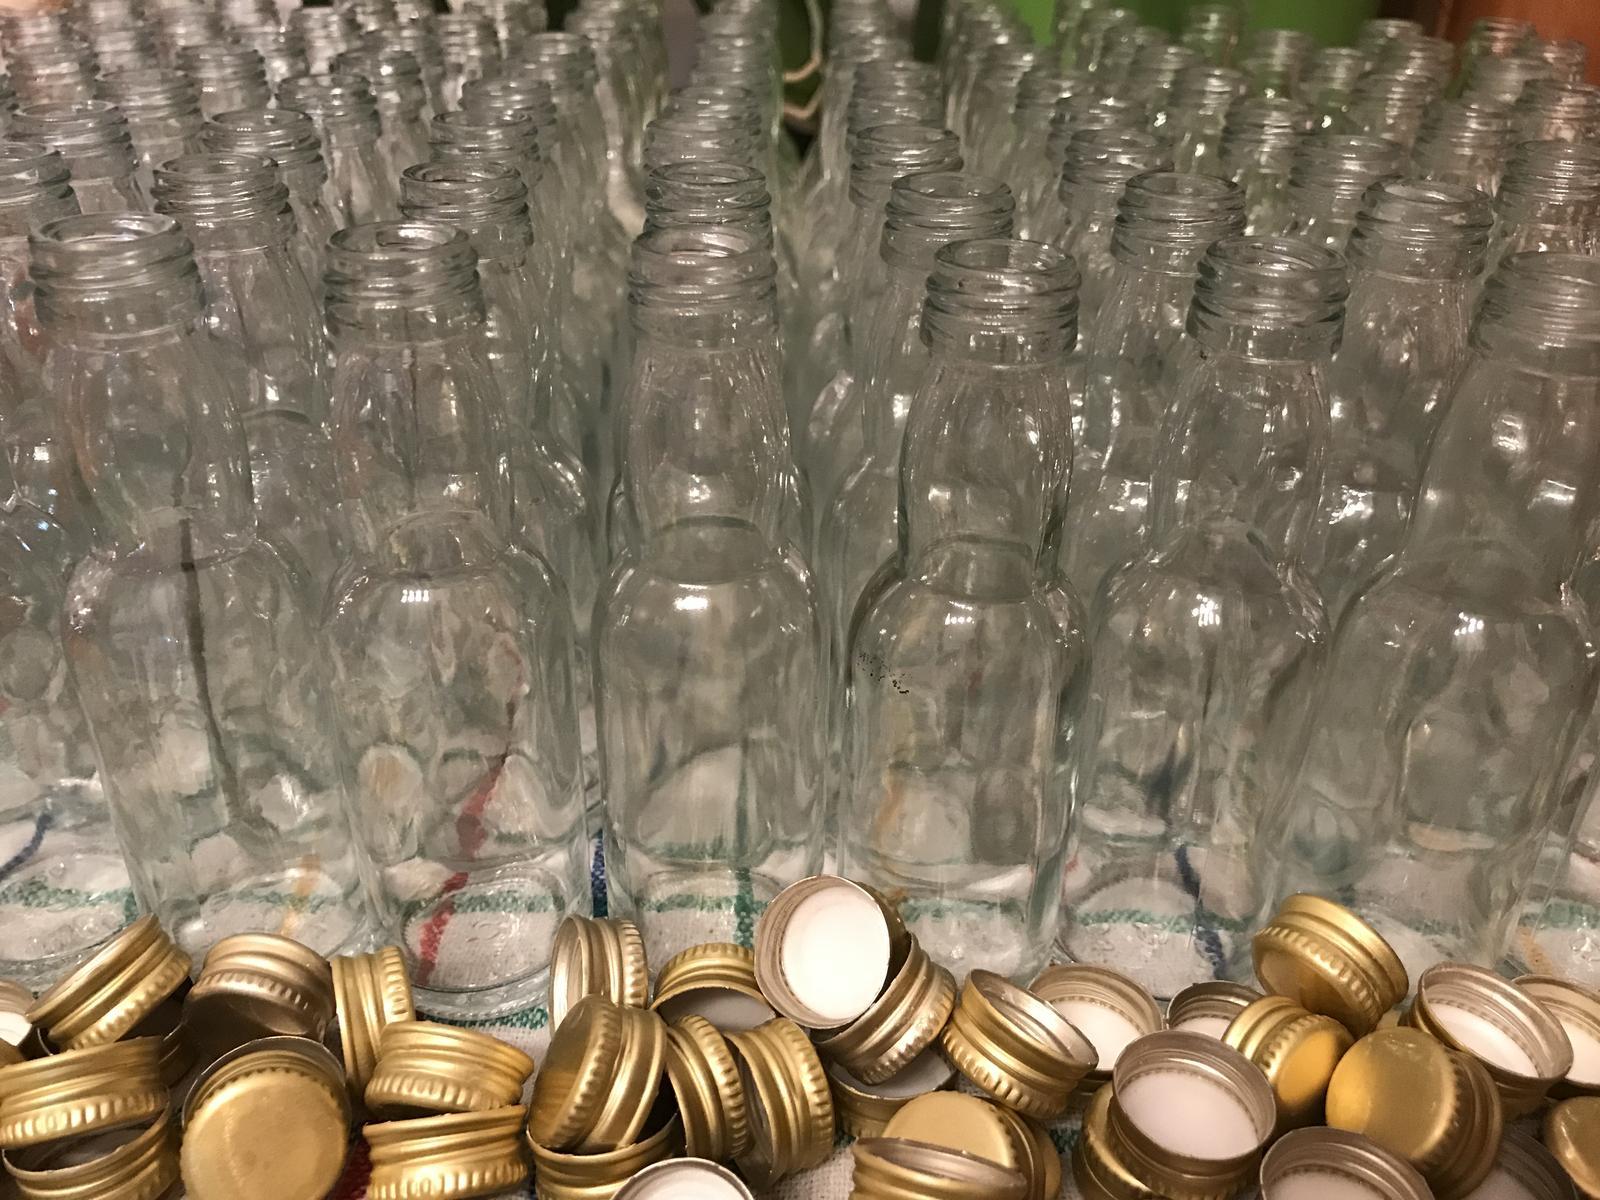 Malé fľaštičky 0,04 - Obrázok č. 1